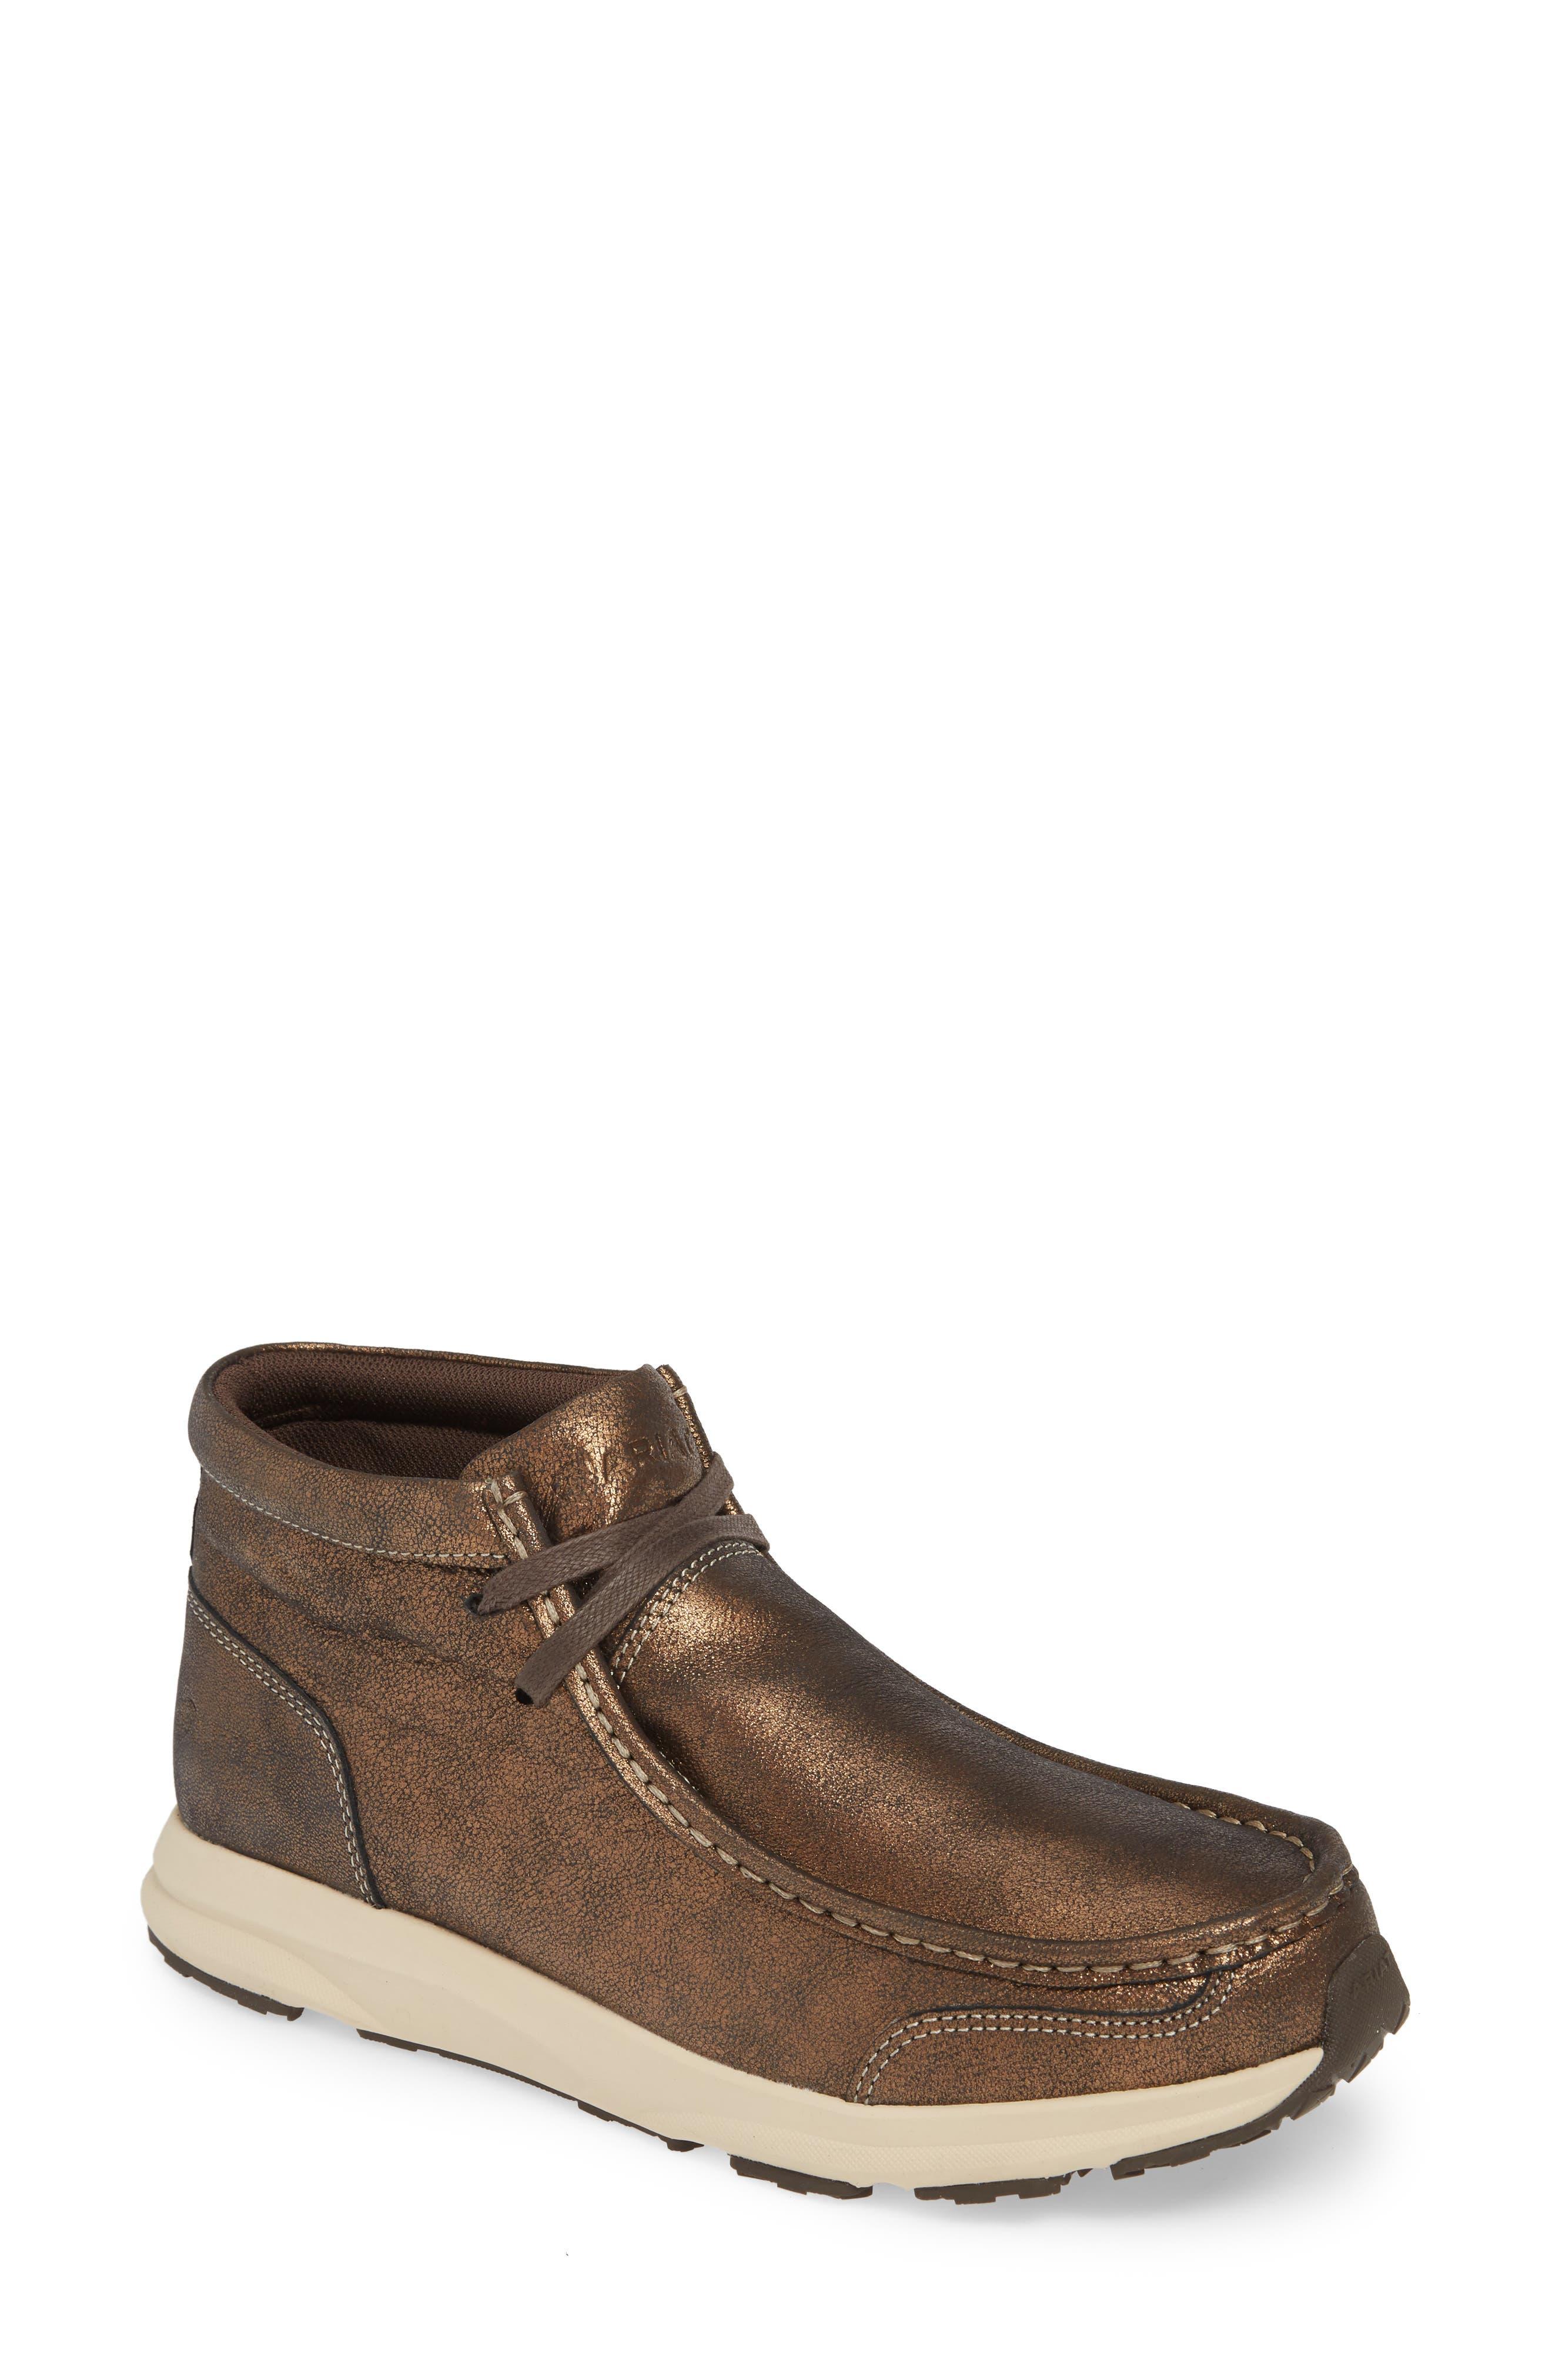 Ariat Spitfire Chukka Boot, Brown